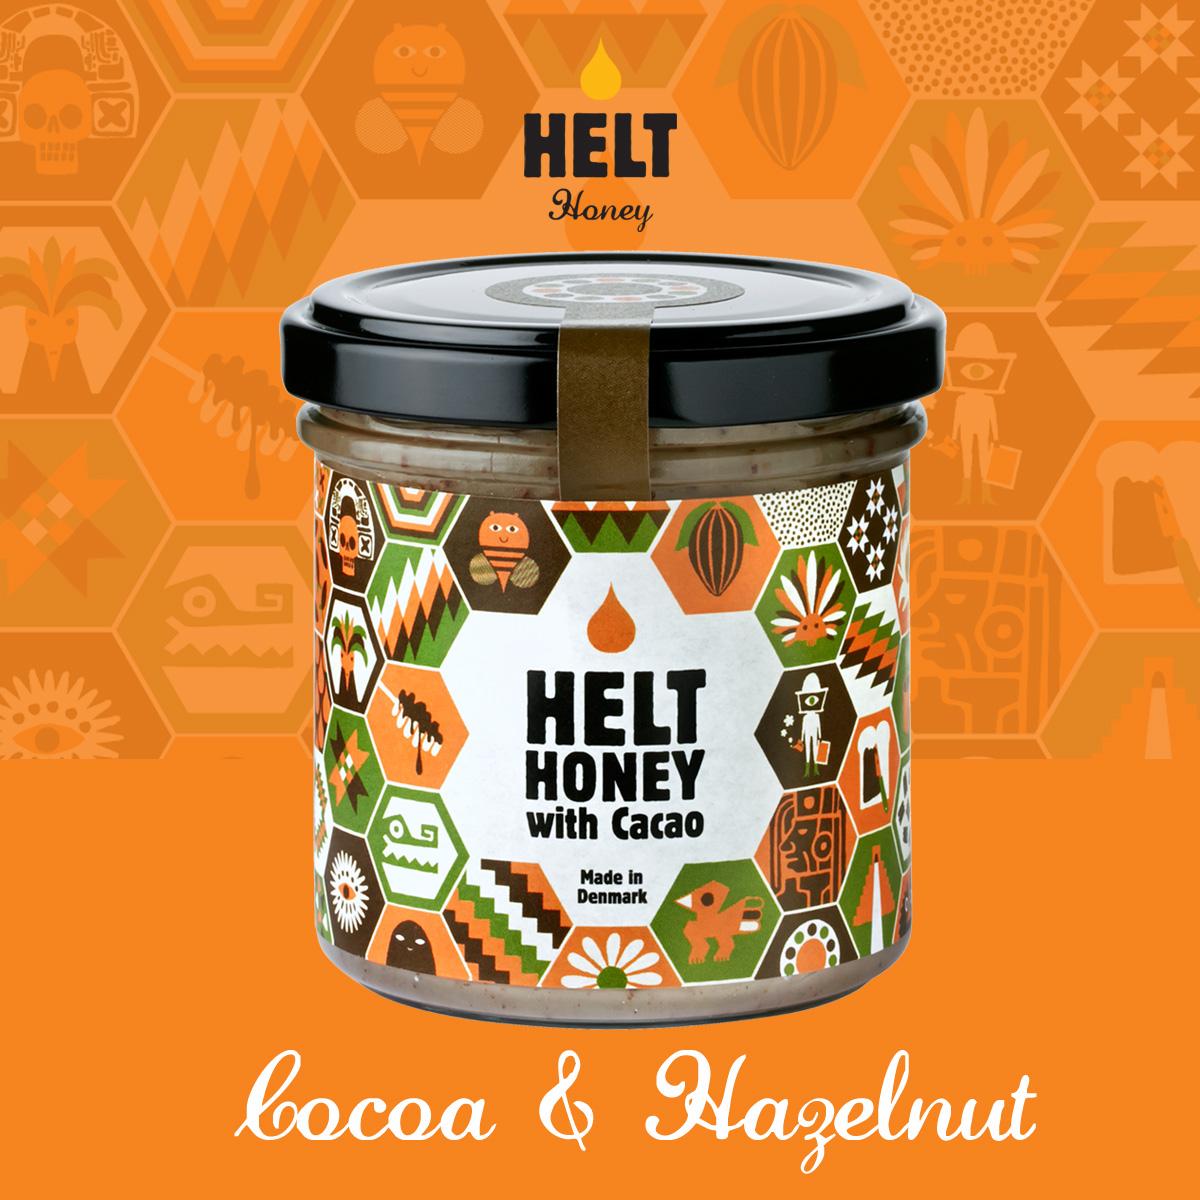 HELT honey - Cocoa & Hazelnut